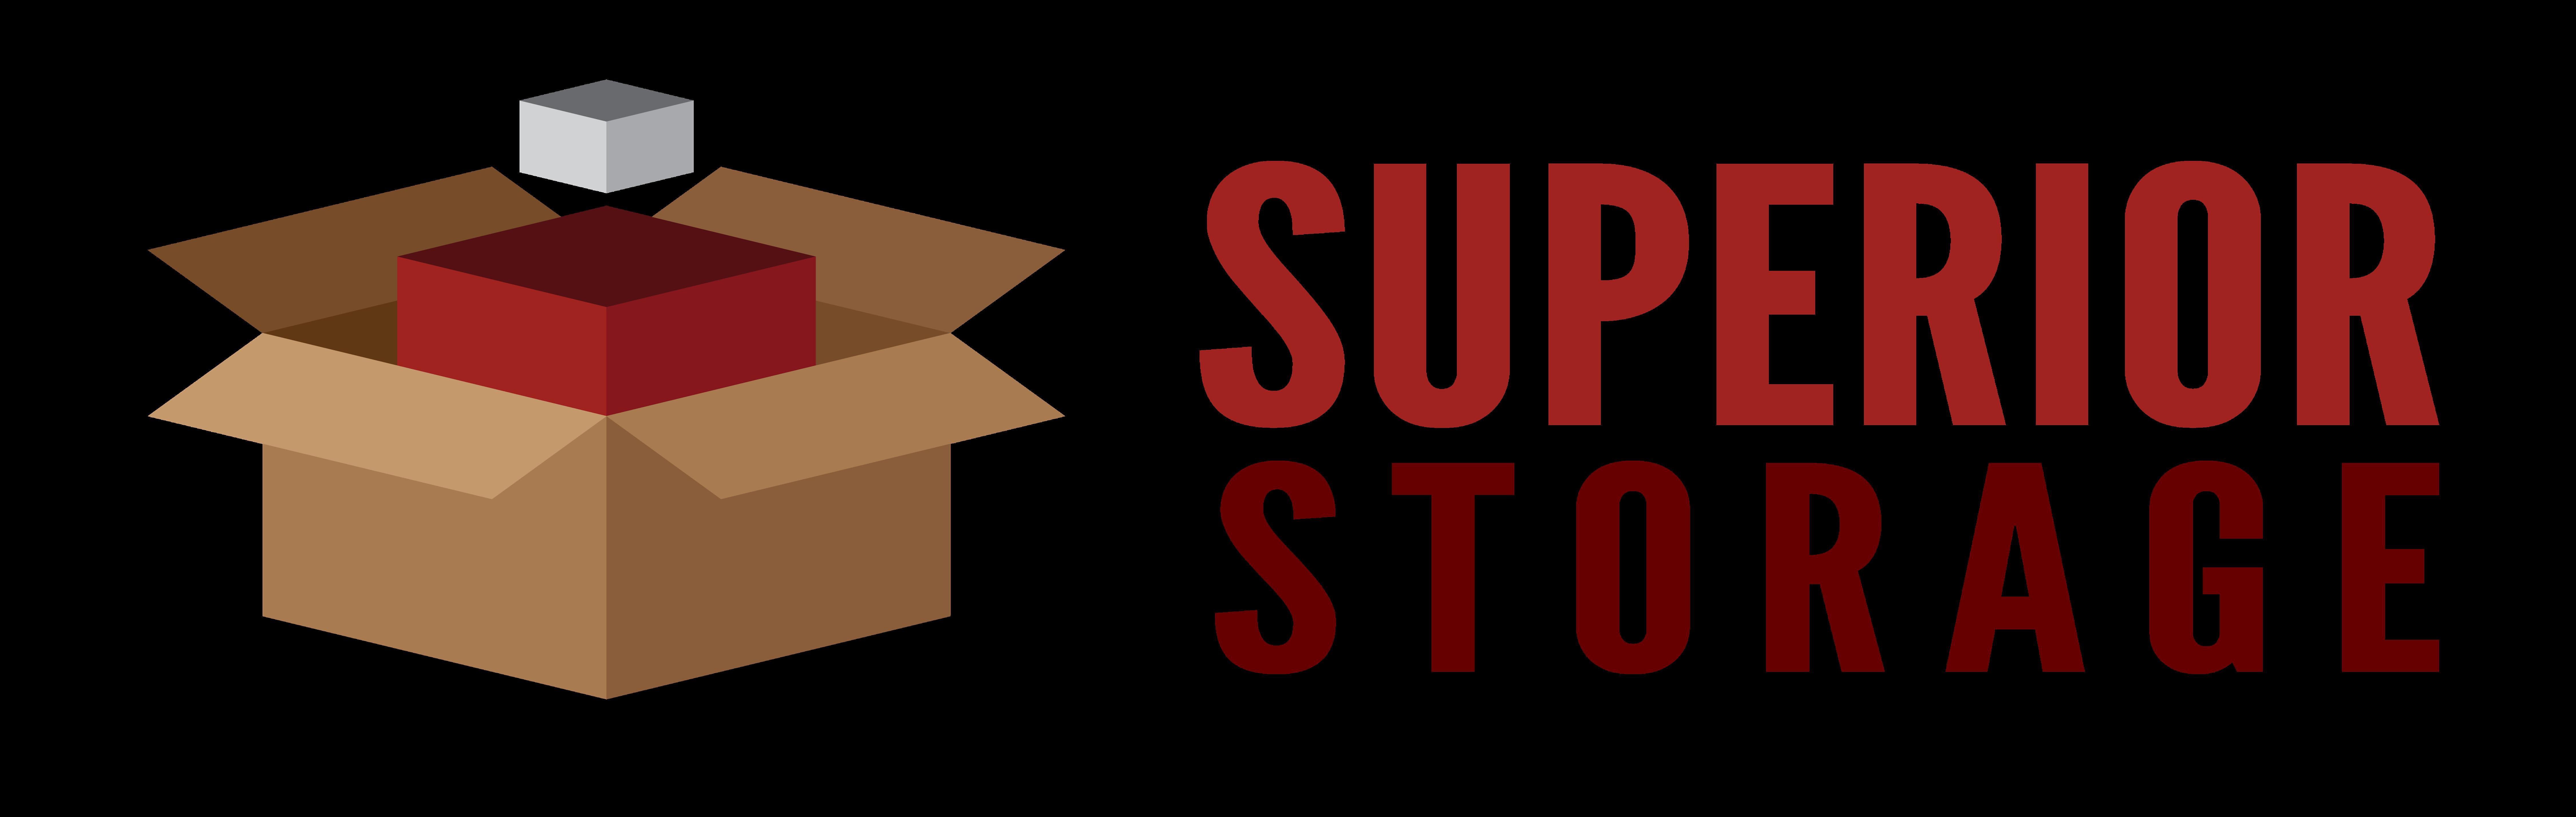 Superior Storage